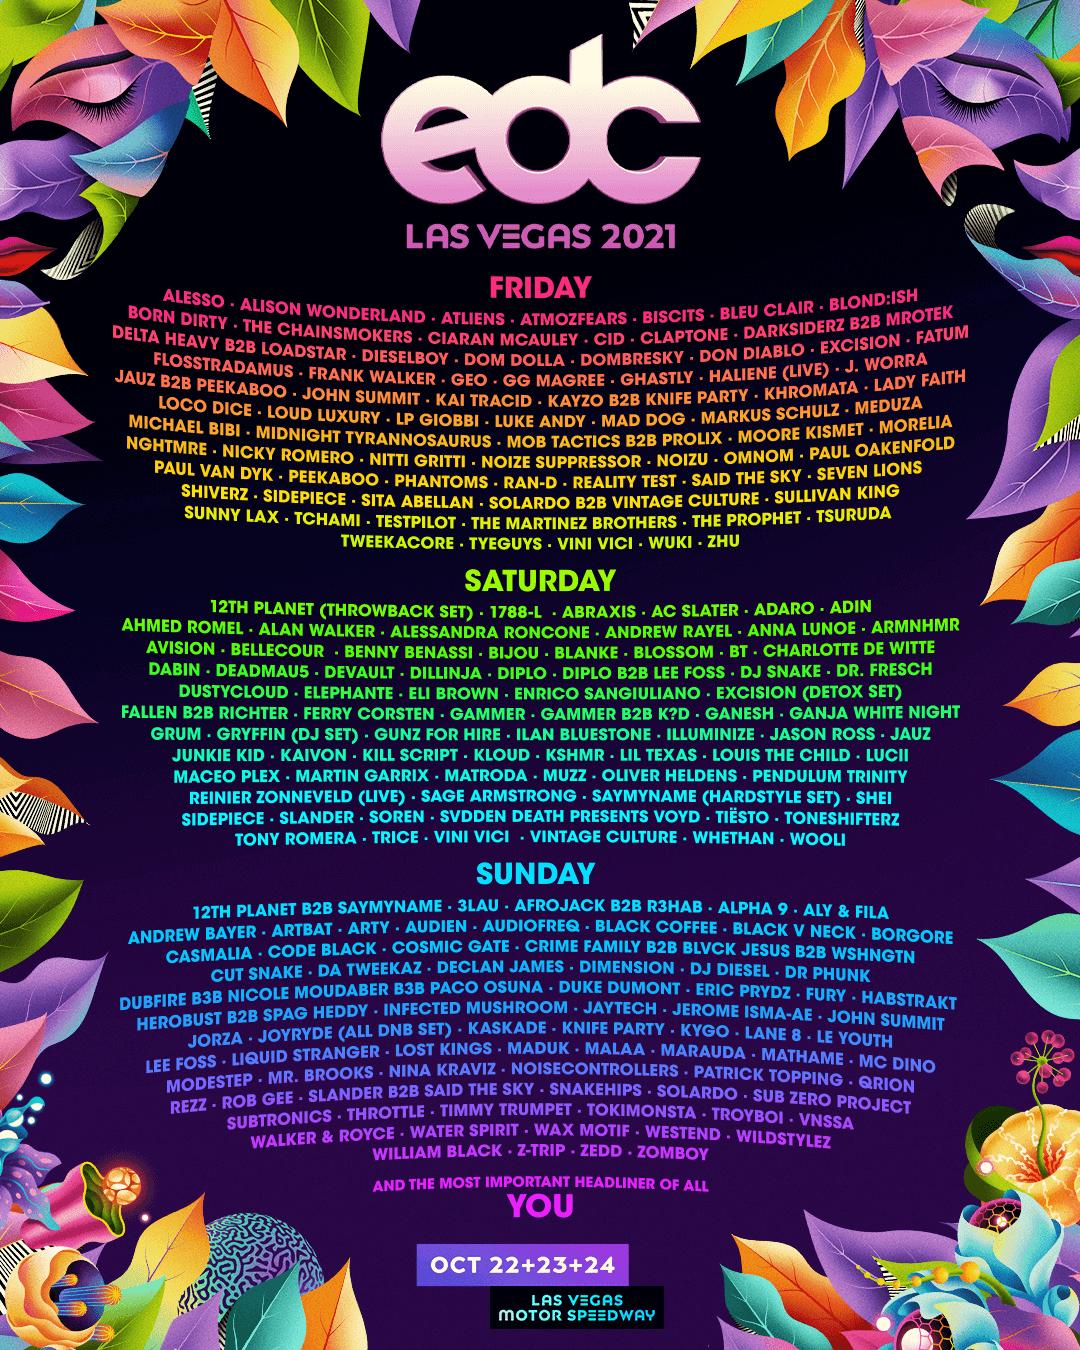 EDC Las Vegas 2021 Lineup!